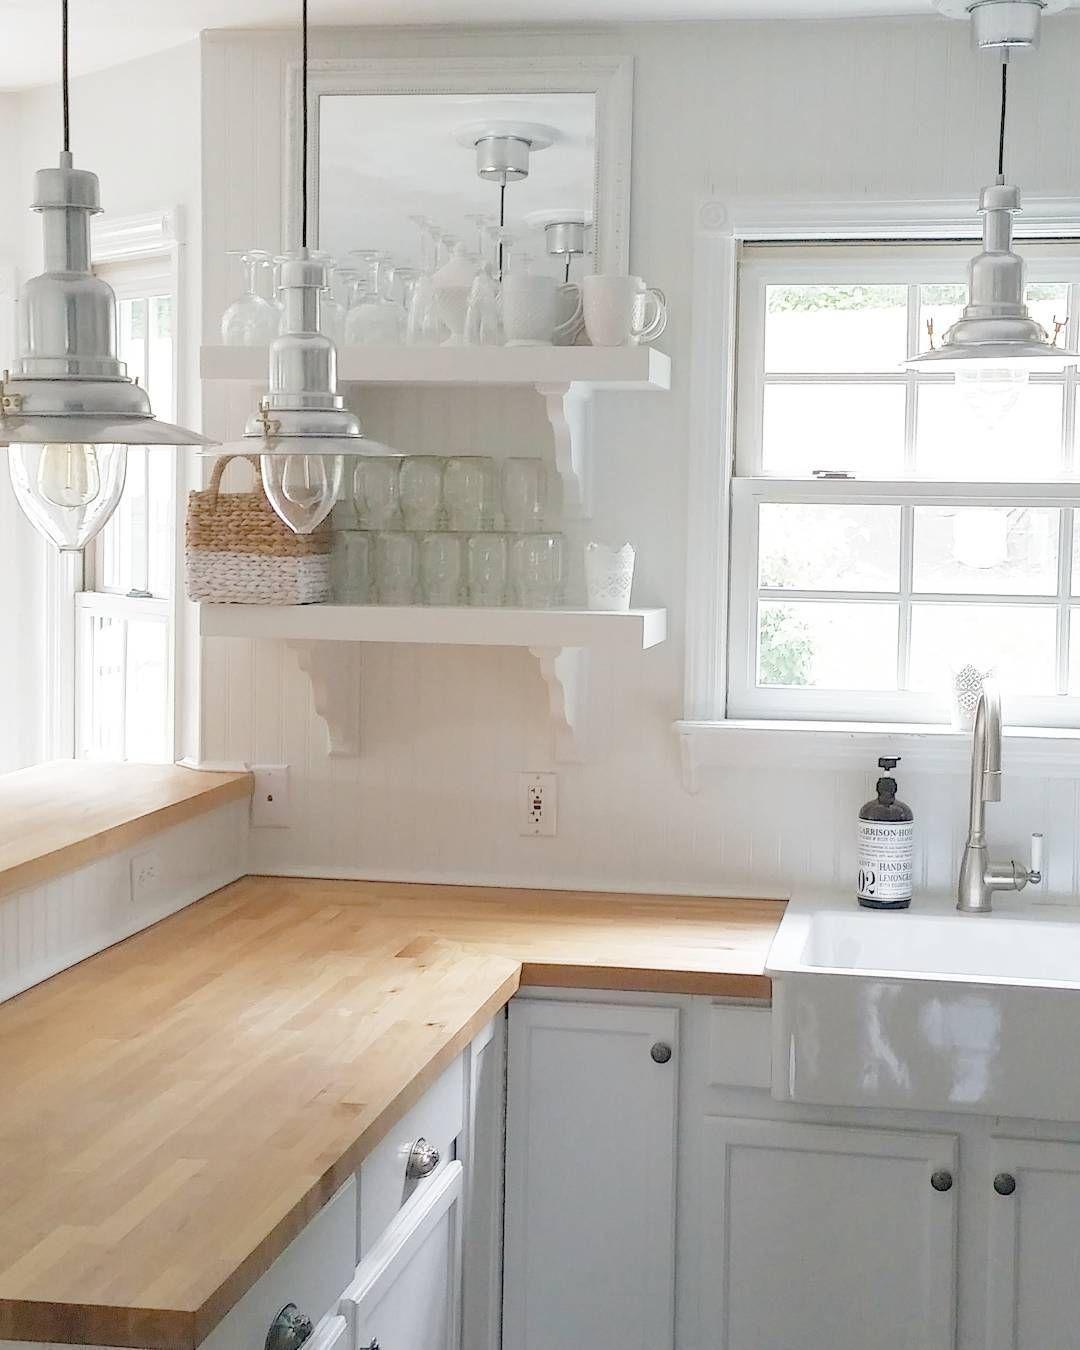 Rustic Kitchen Countertops: Kök, Inredning, House